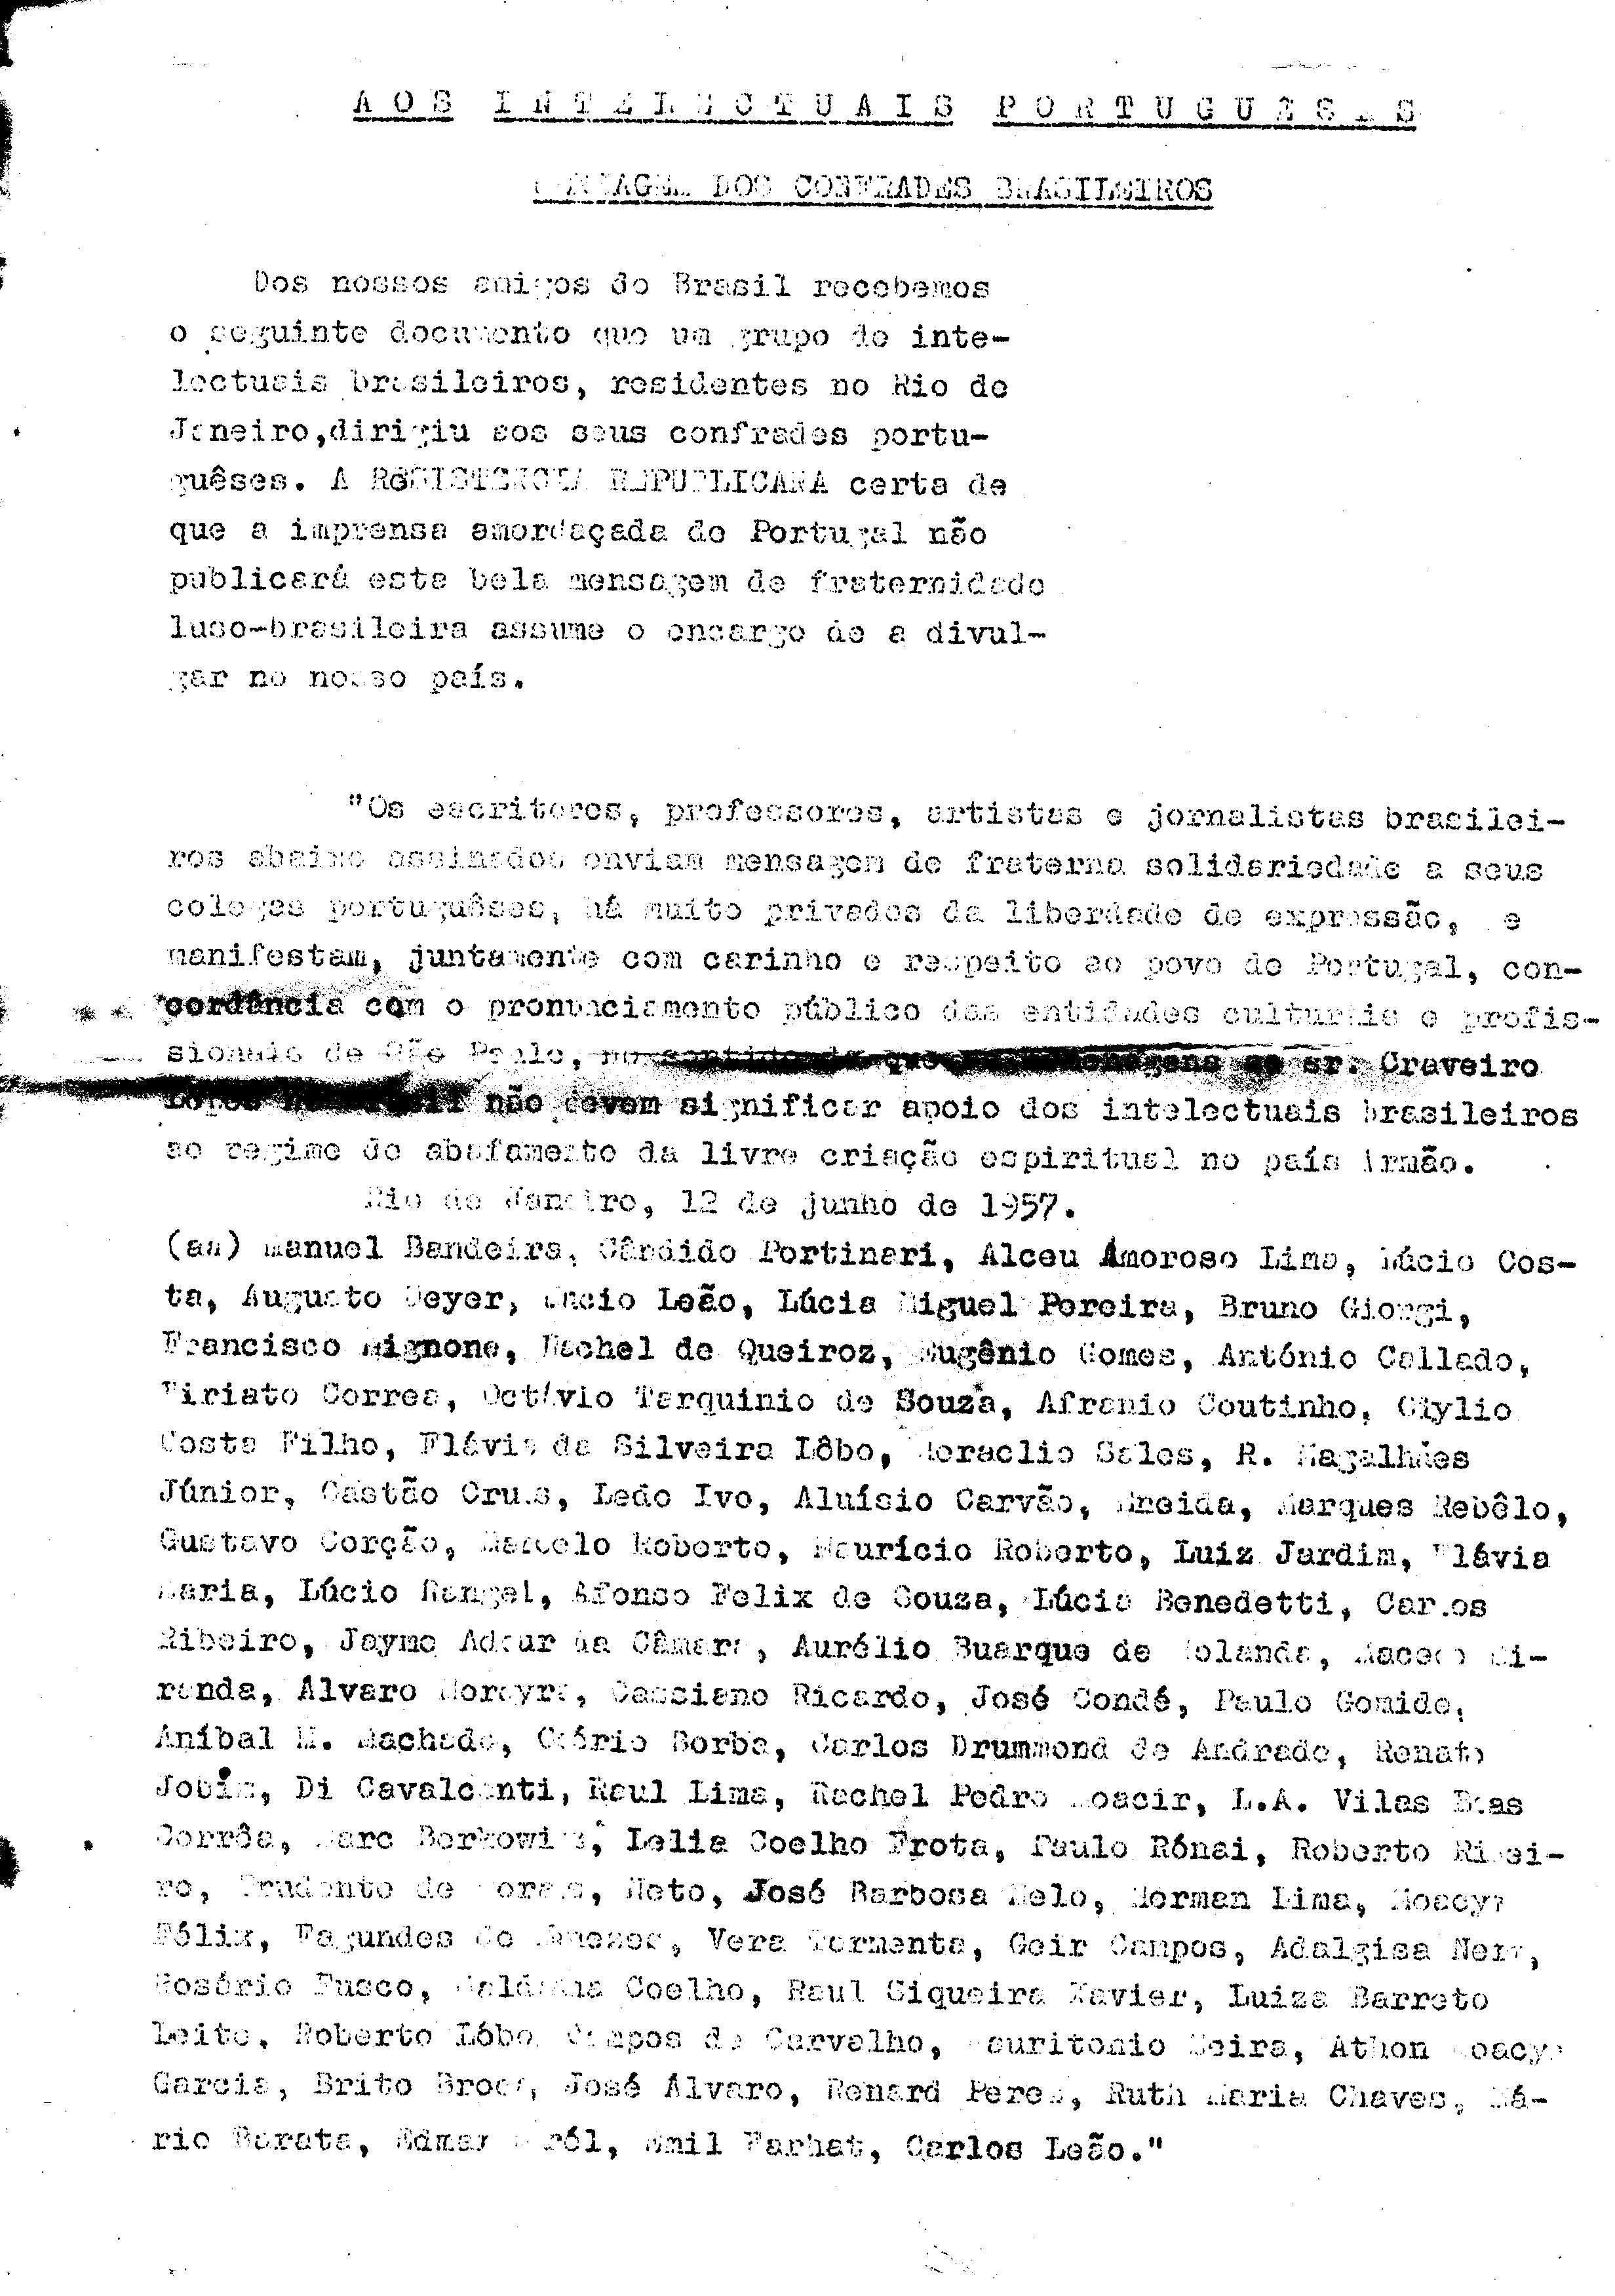 02598.005- pag.1